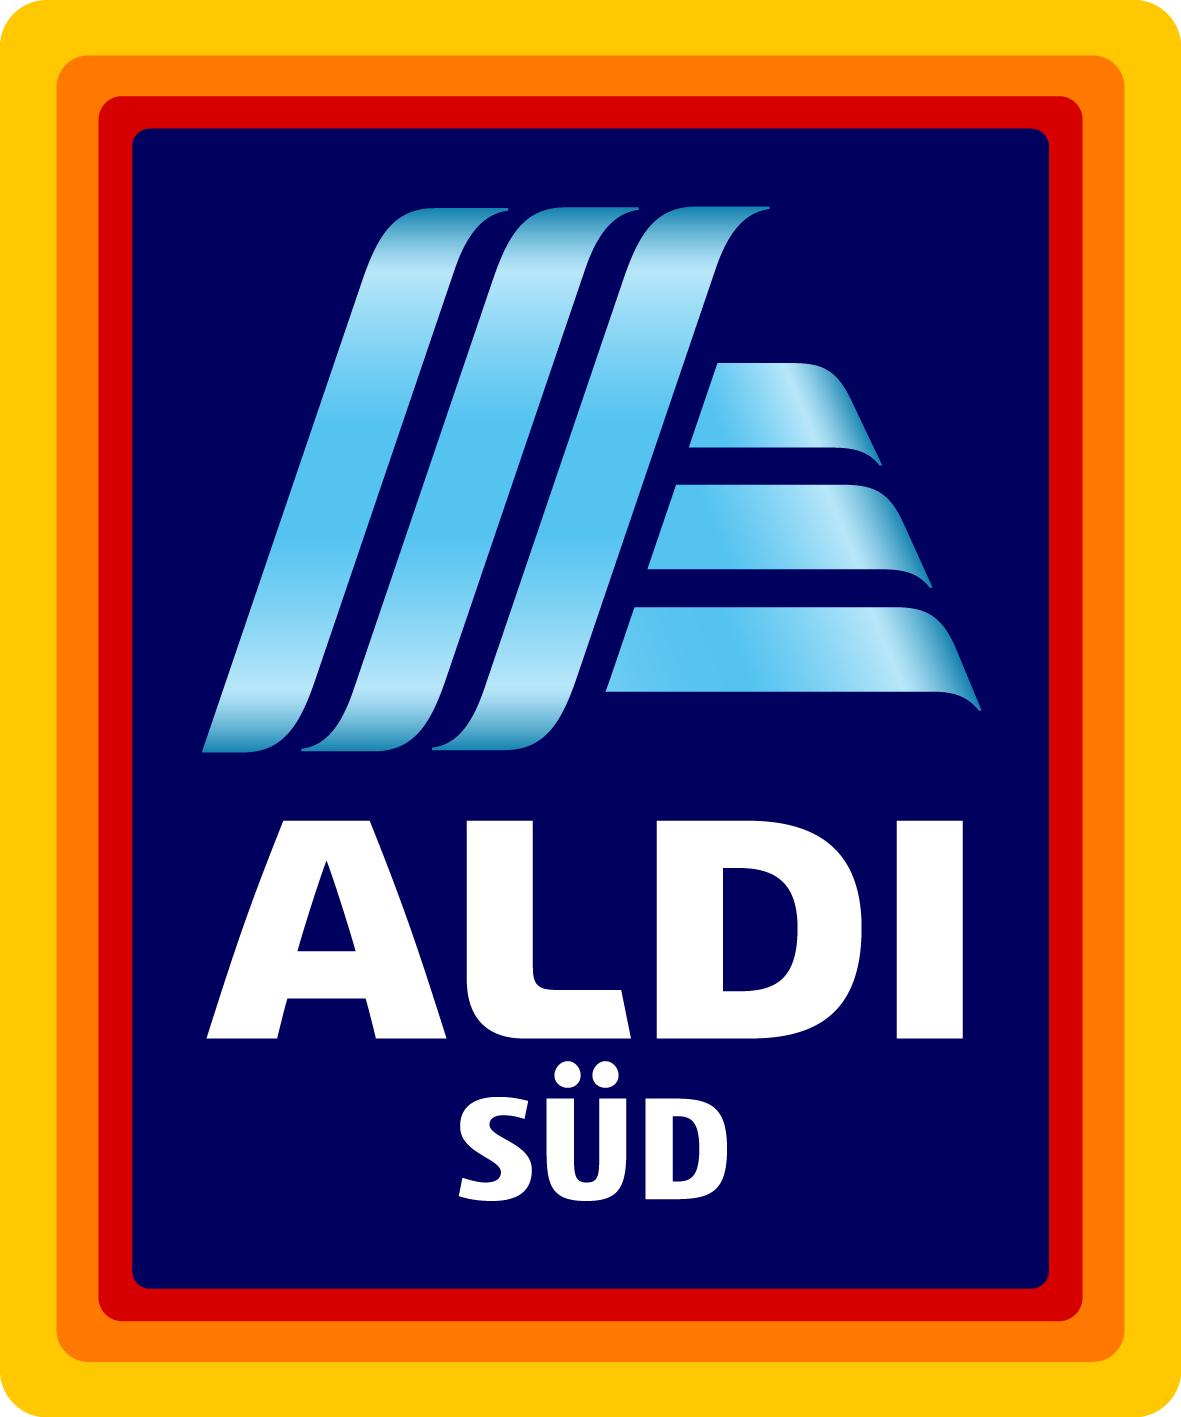 [Aldi bundesweit] Alpro Soyadrink 1,29 € Mandel--und Kokosnussdrink 1,99 €